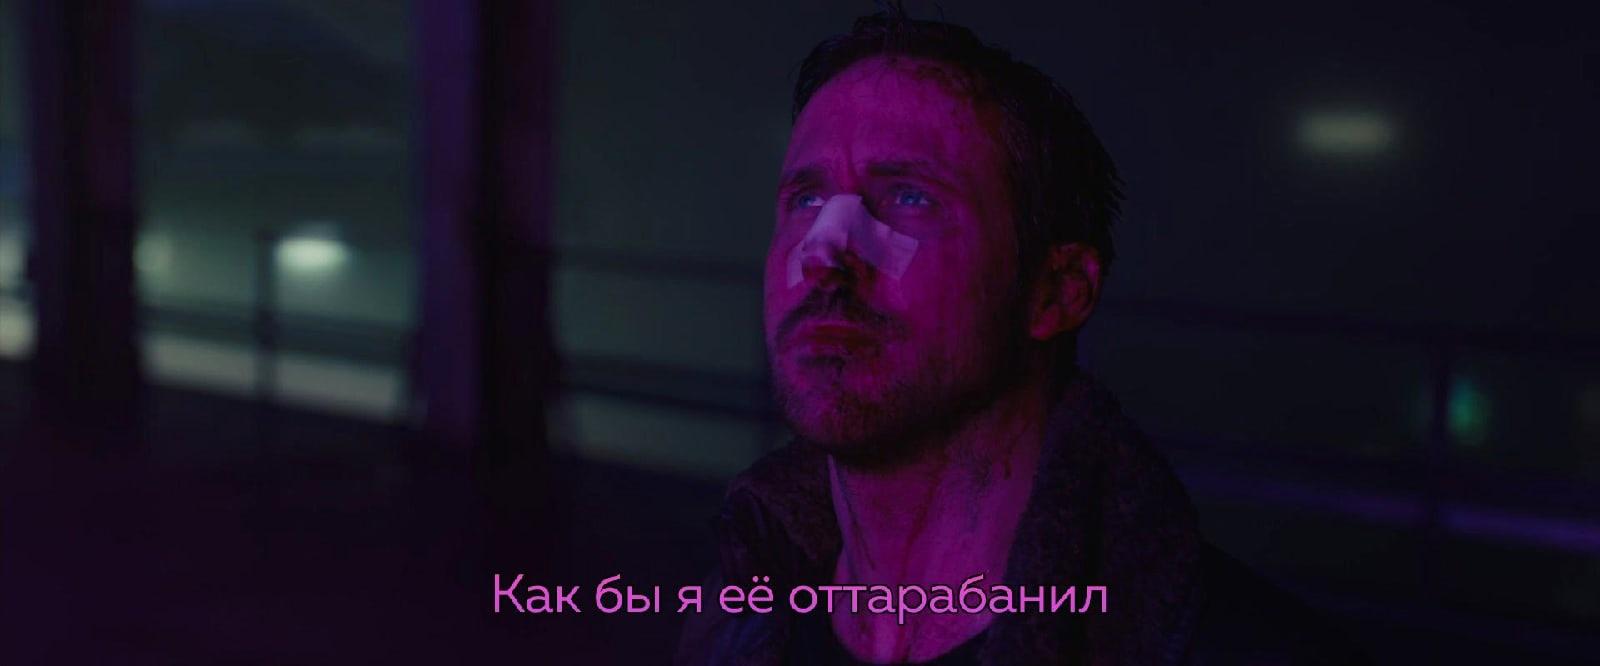 http://forumupload.ru/uploads/001a/74/14/152/807775.jpg